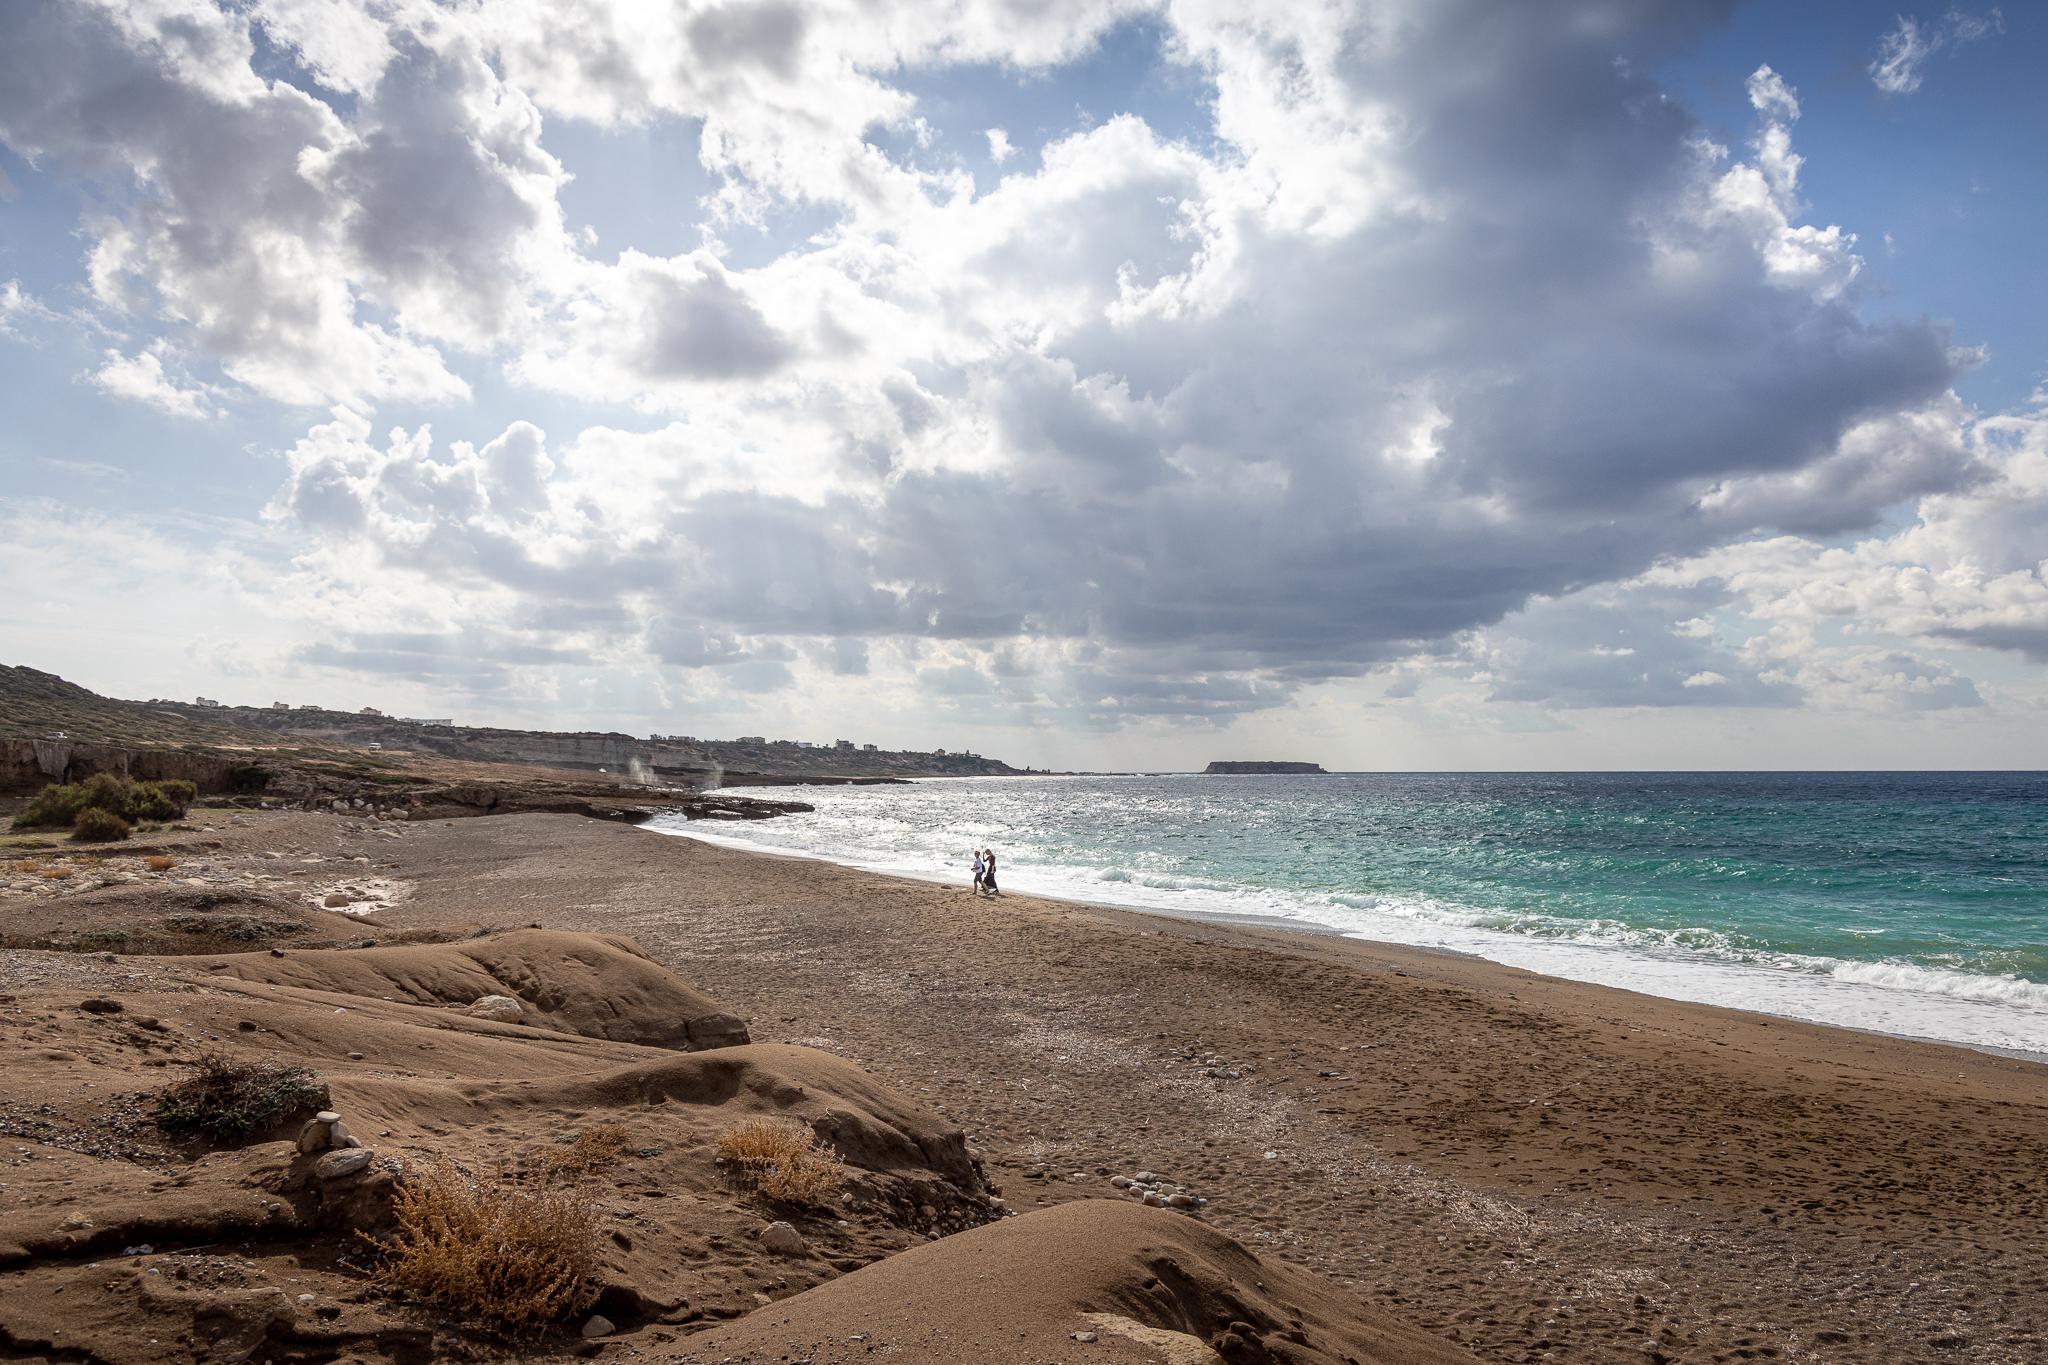 Cipru în extrasezon – itinerariu pentru 4 zile